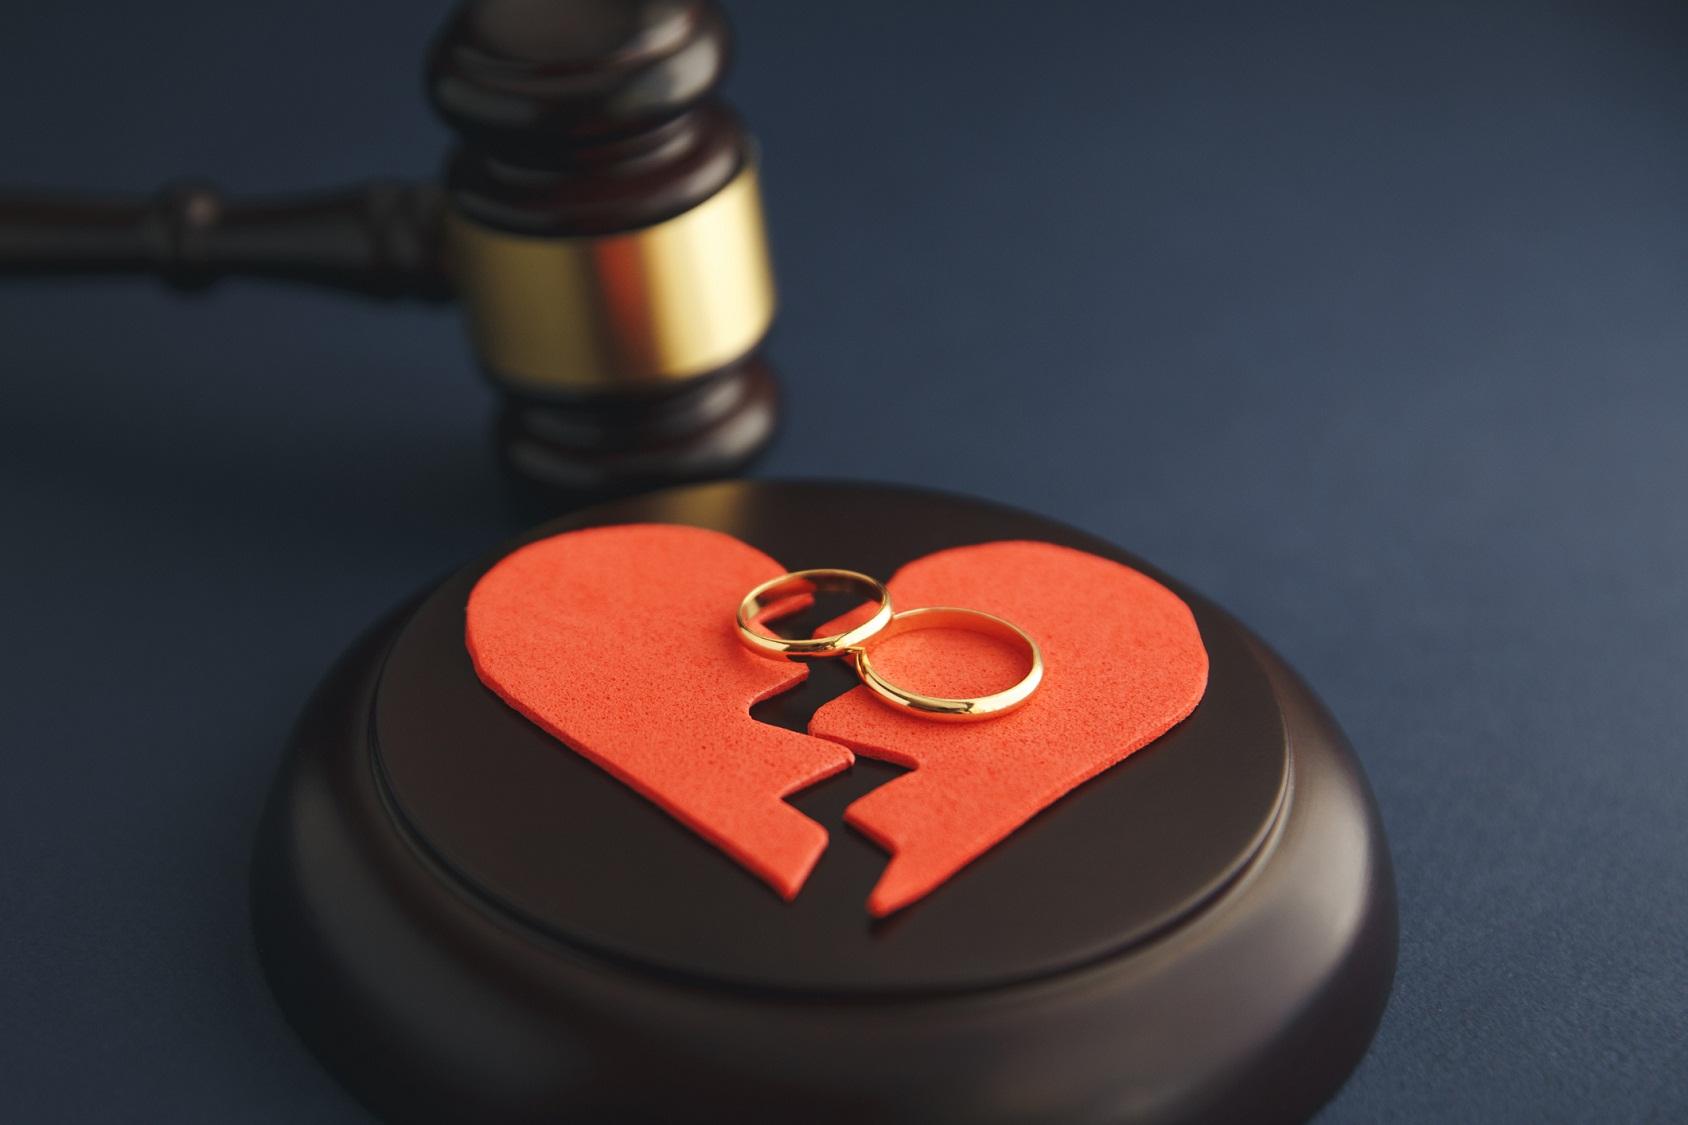 Praktyczne wskazówki dotyczące rozwodu - Białystok Adwokat Sylwia Tokarzewska-Cybulko